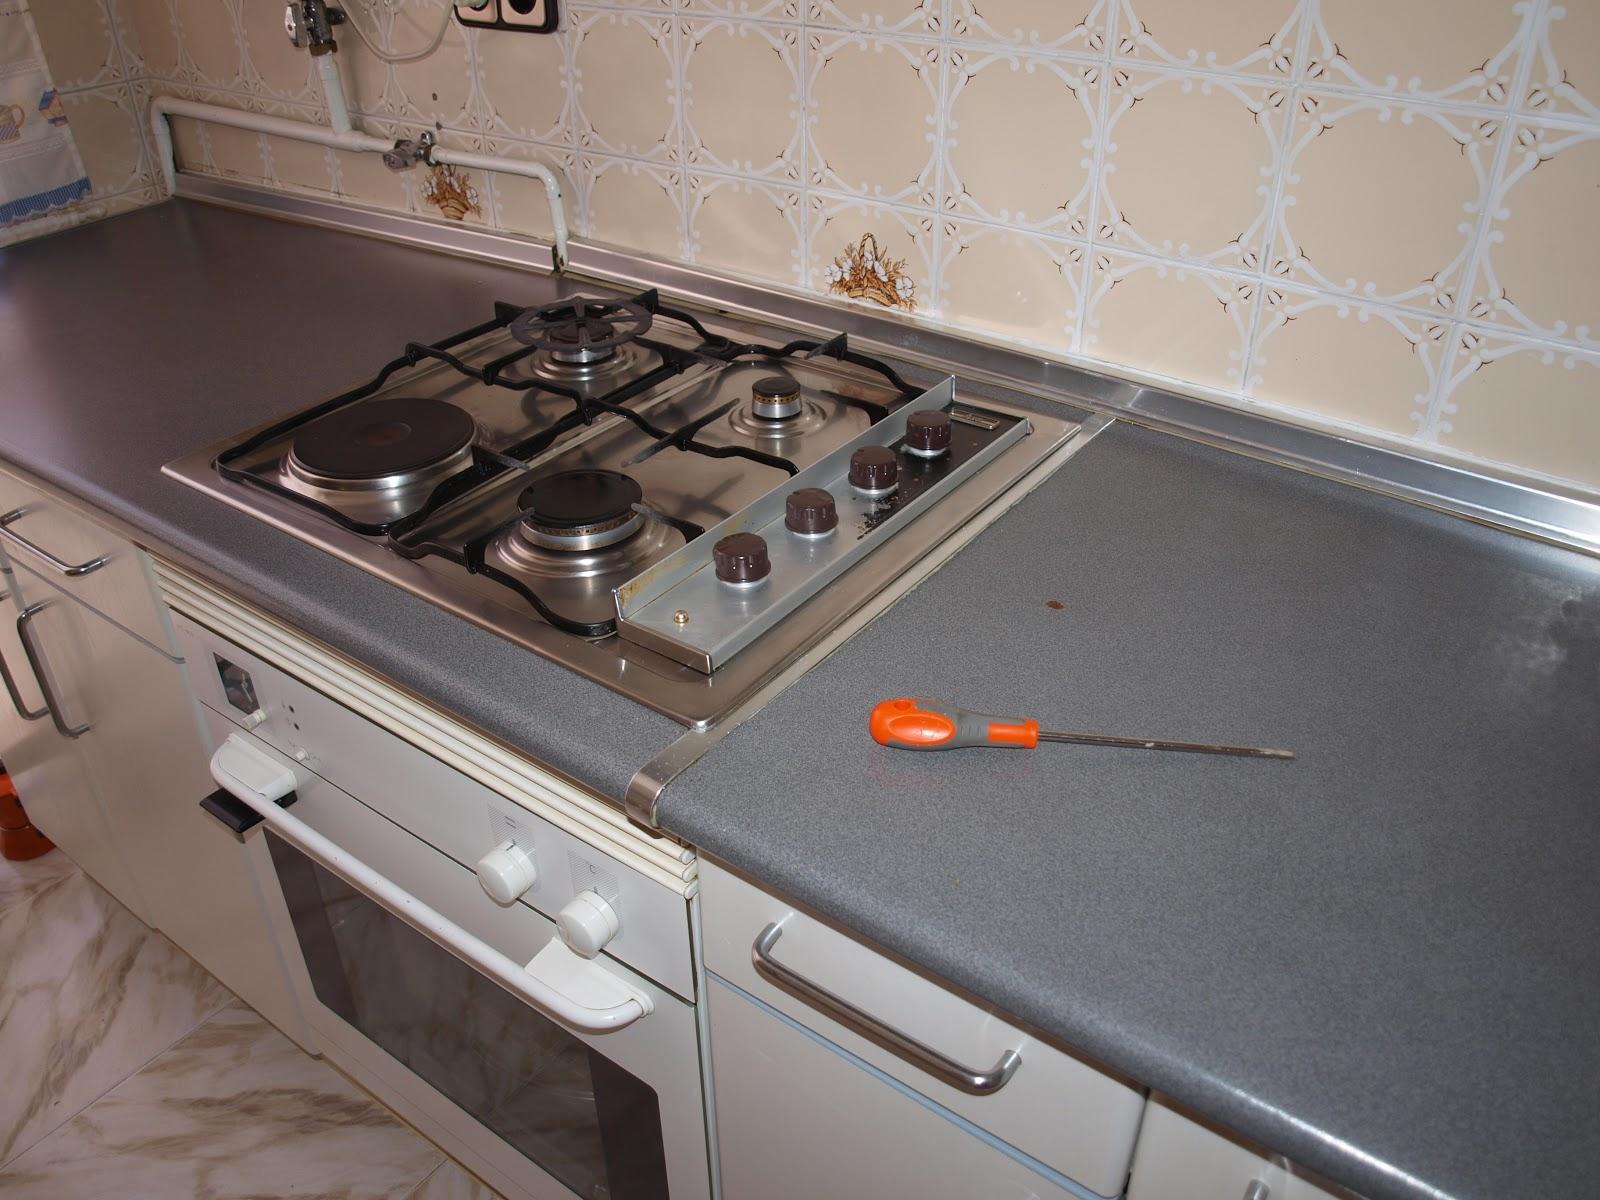 El resultado de mi imaginaci n encimera de la cocina 1 parte for Cocina encimera a gas